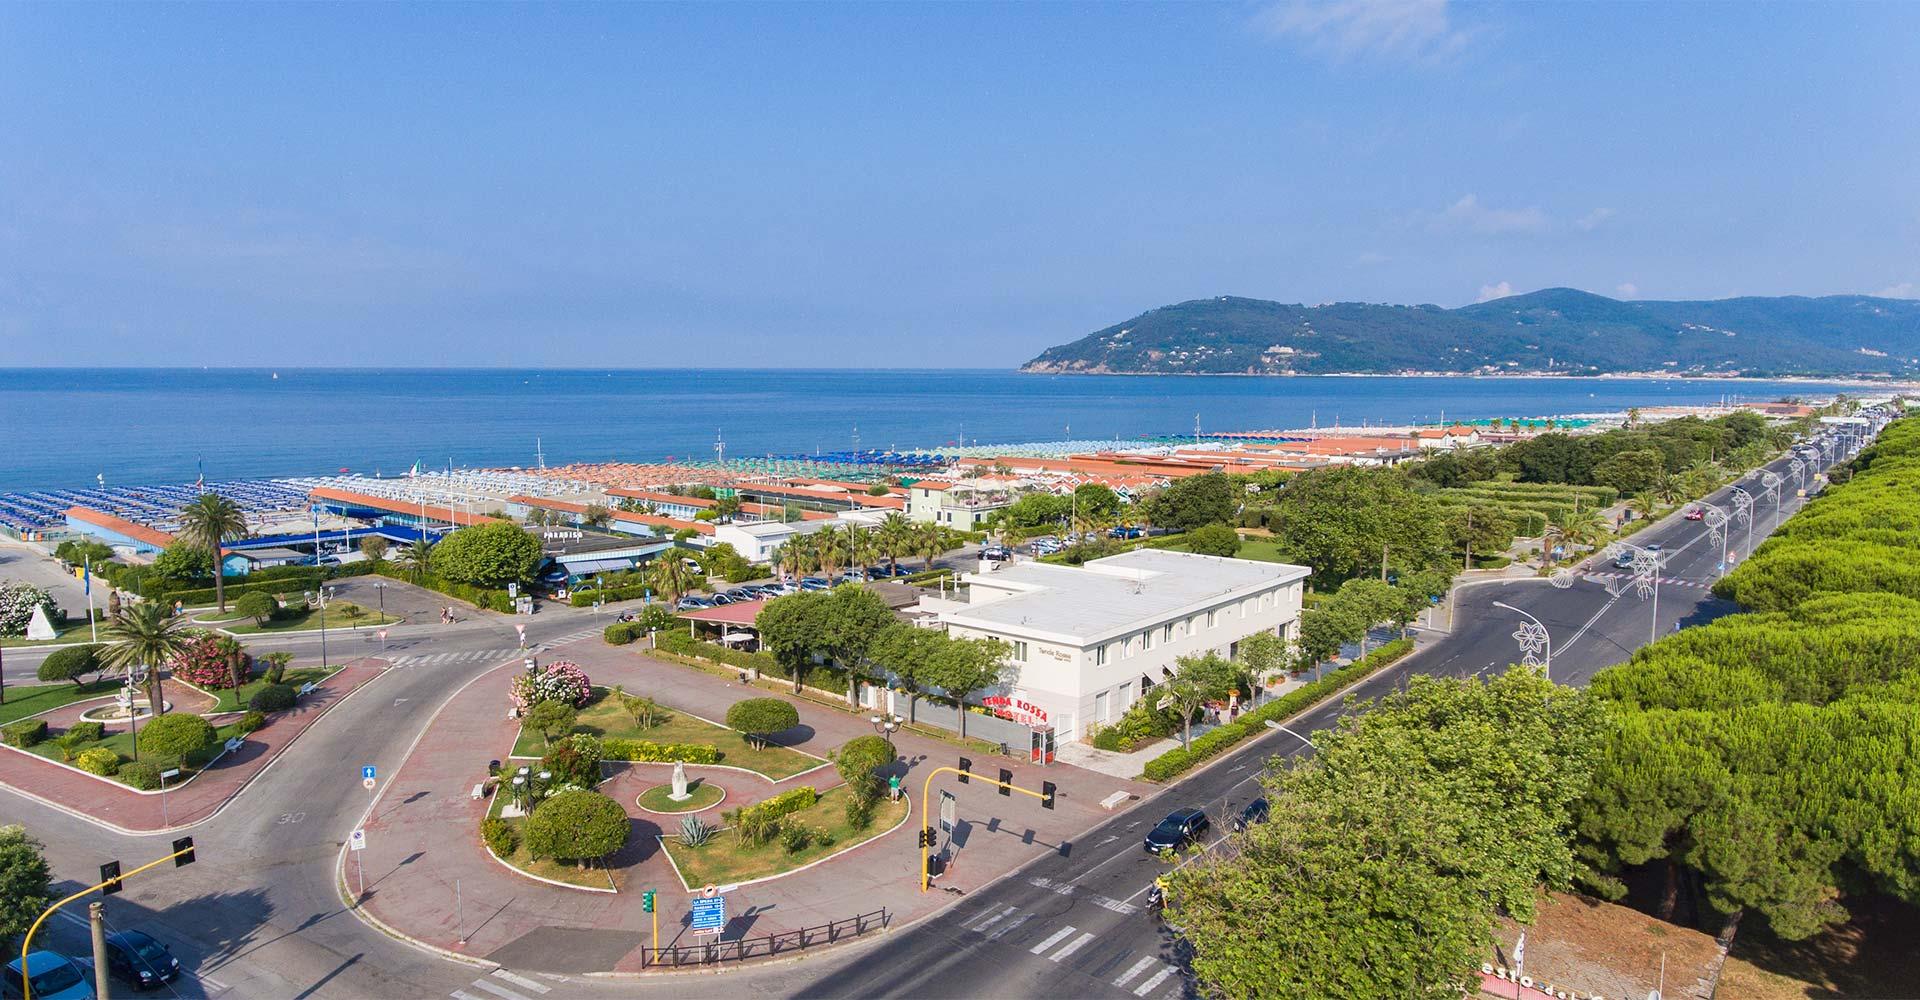 Hotel Tenda Rossa 3 stelle a Marina di Carrara